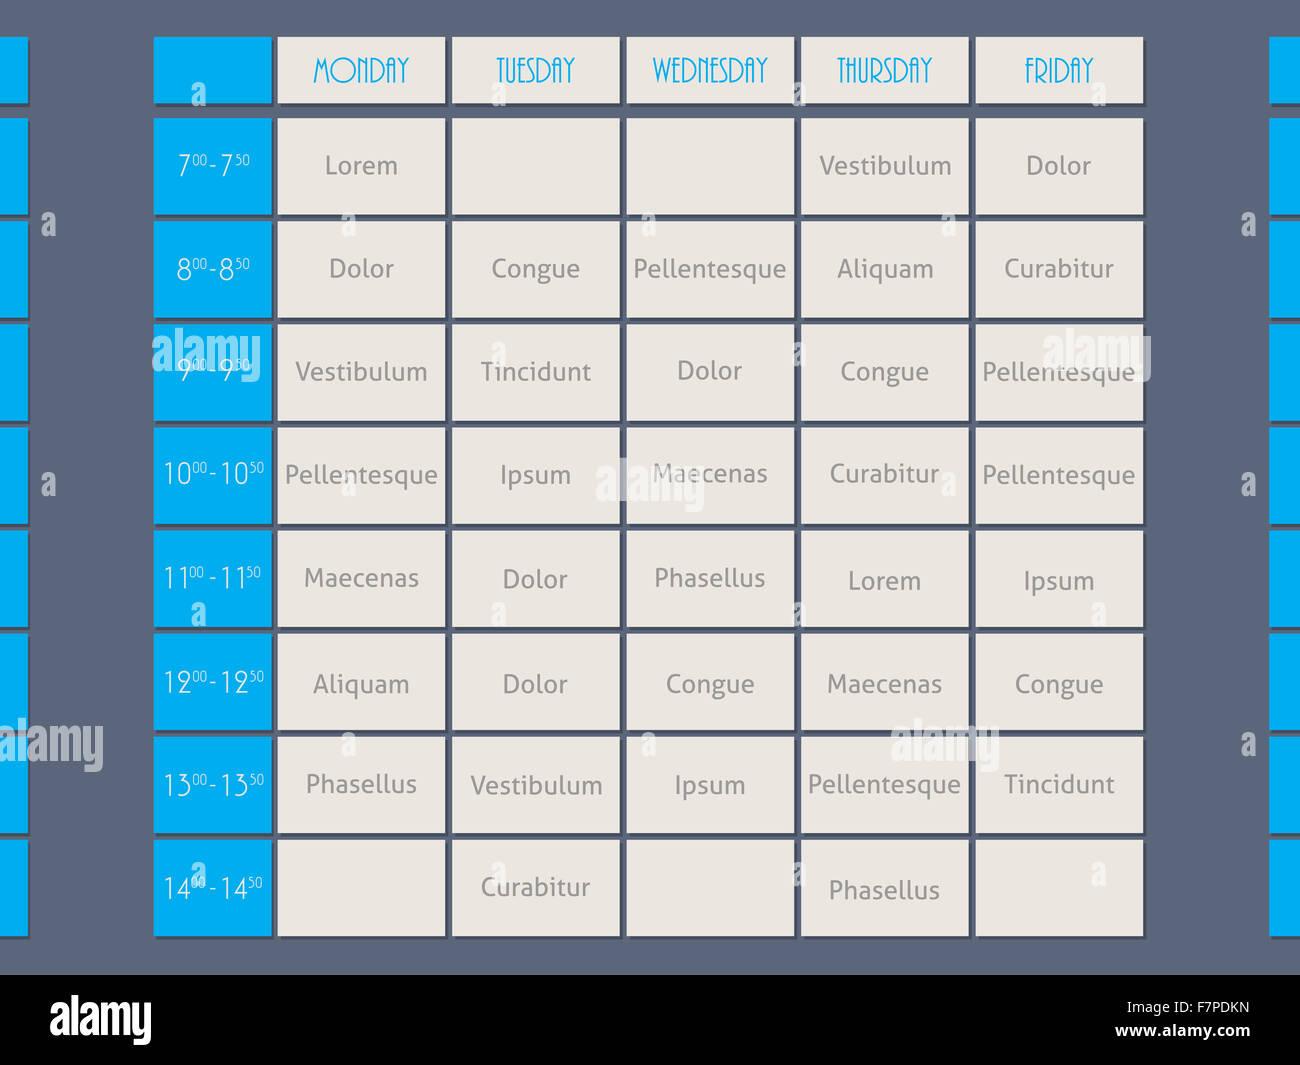 Nett Arbeitsstunden Zeitplan Vorlage Zeitgenössisch - Ideen ...